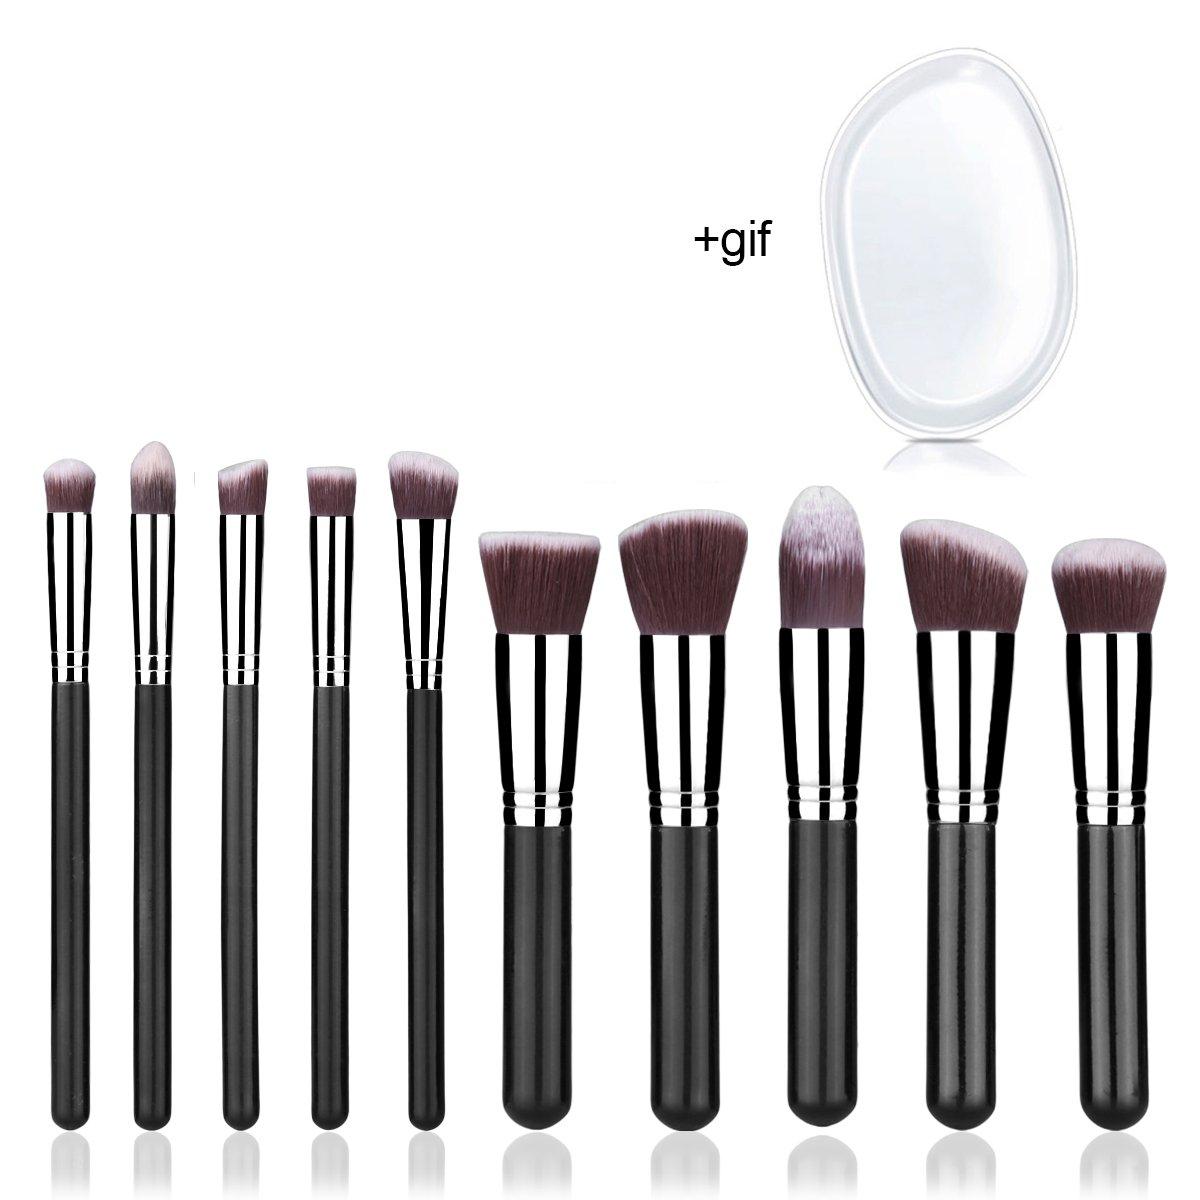 Makeup Brushes 10 Pcs Professional Kabuki Foundation Blending Make Up Brush Set and Silicone Sponge for Powder Liquid Cream Fits Eye Shadow Eyeliner Face Nose Aspior